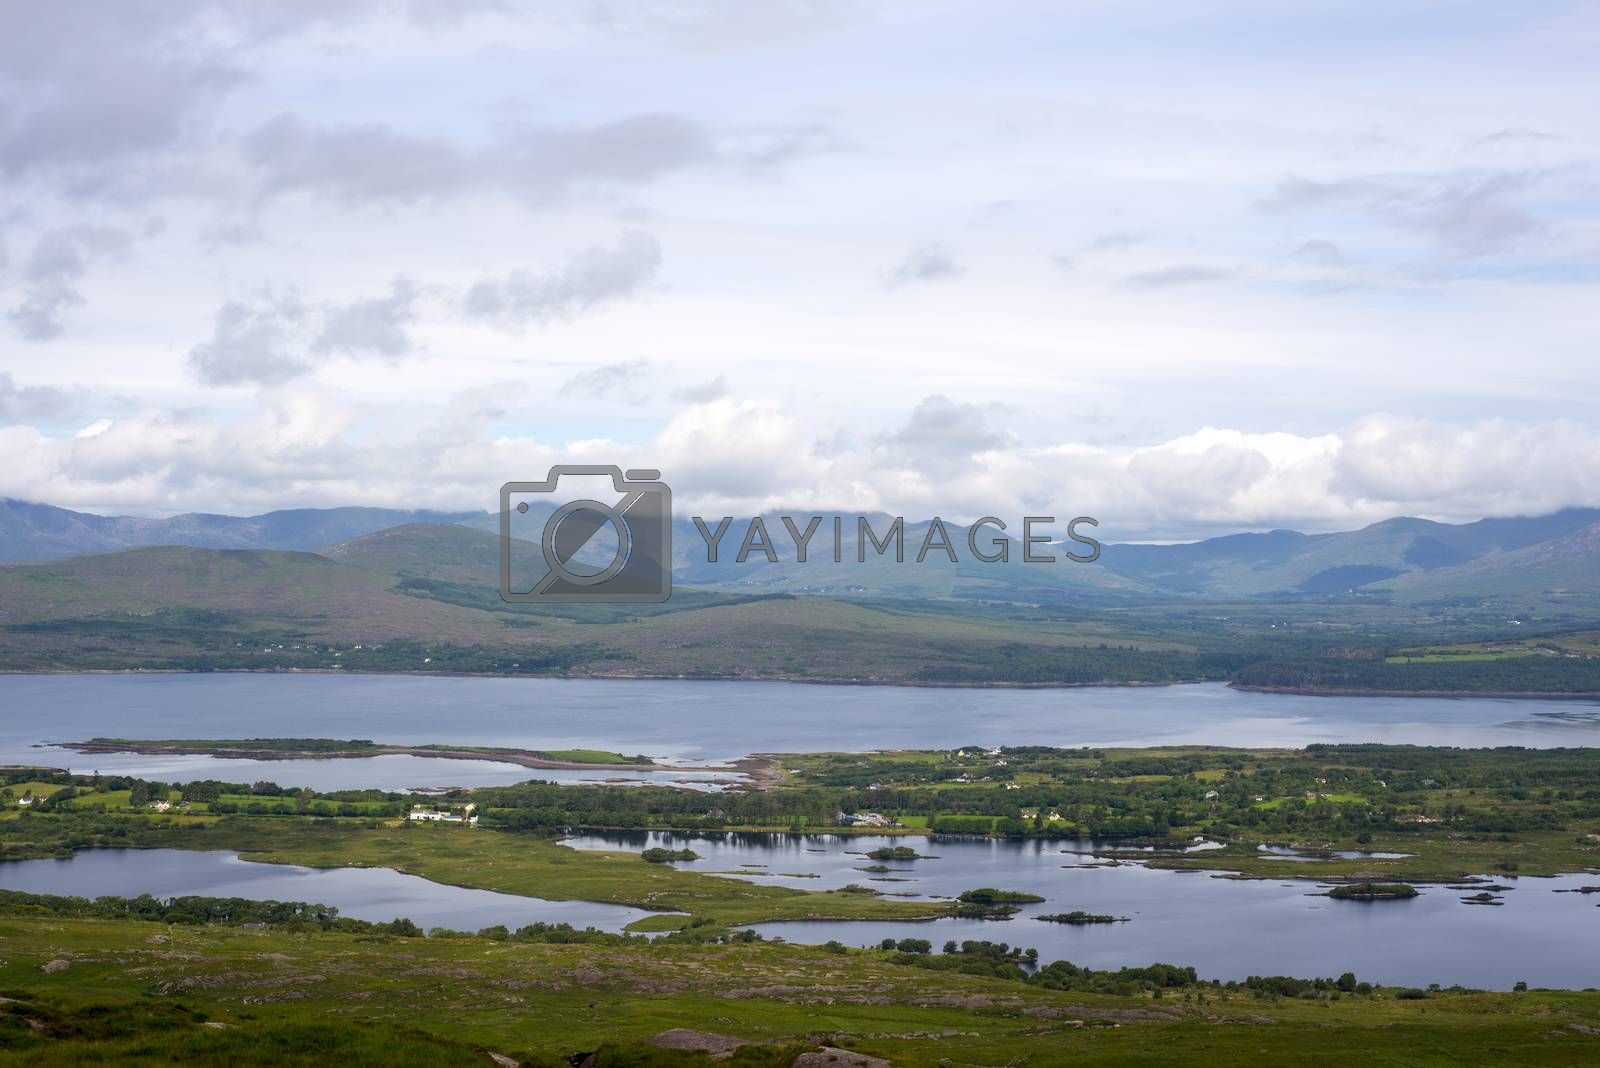 view from the kerry way in irelands wild atlantic way